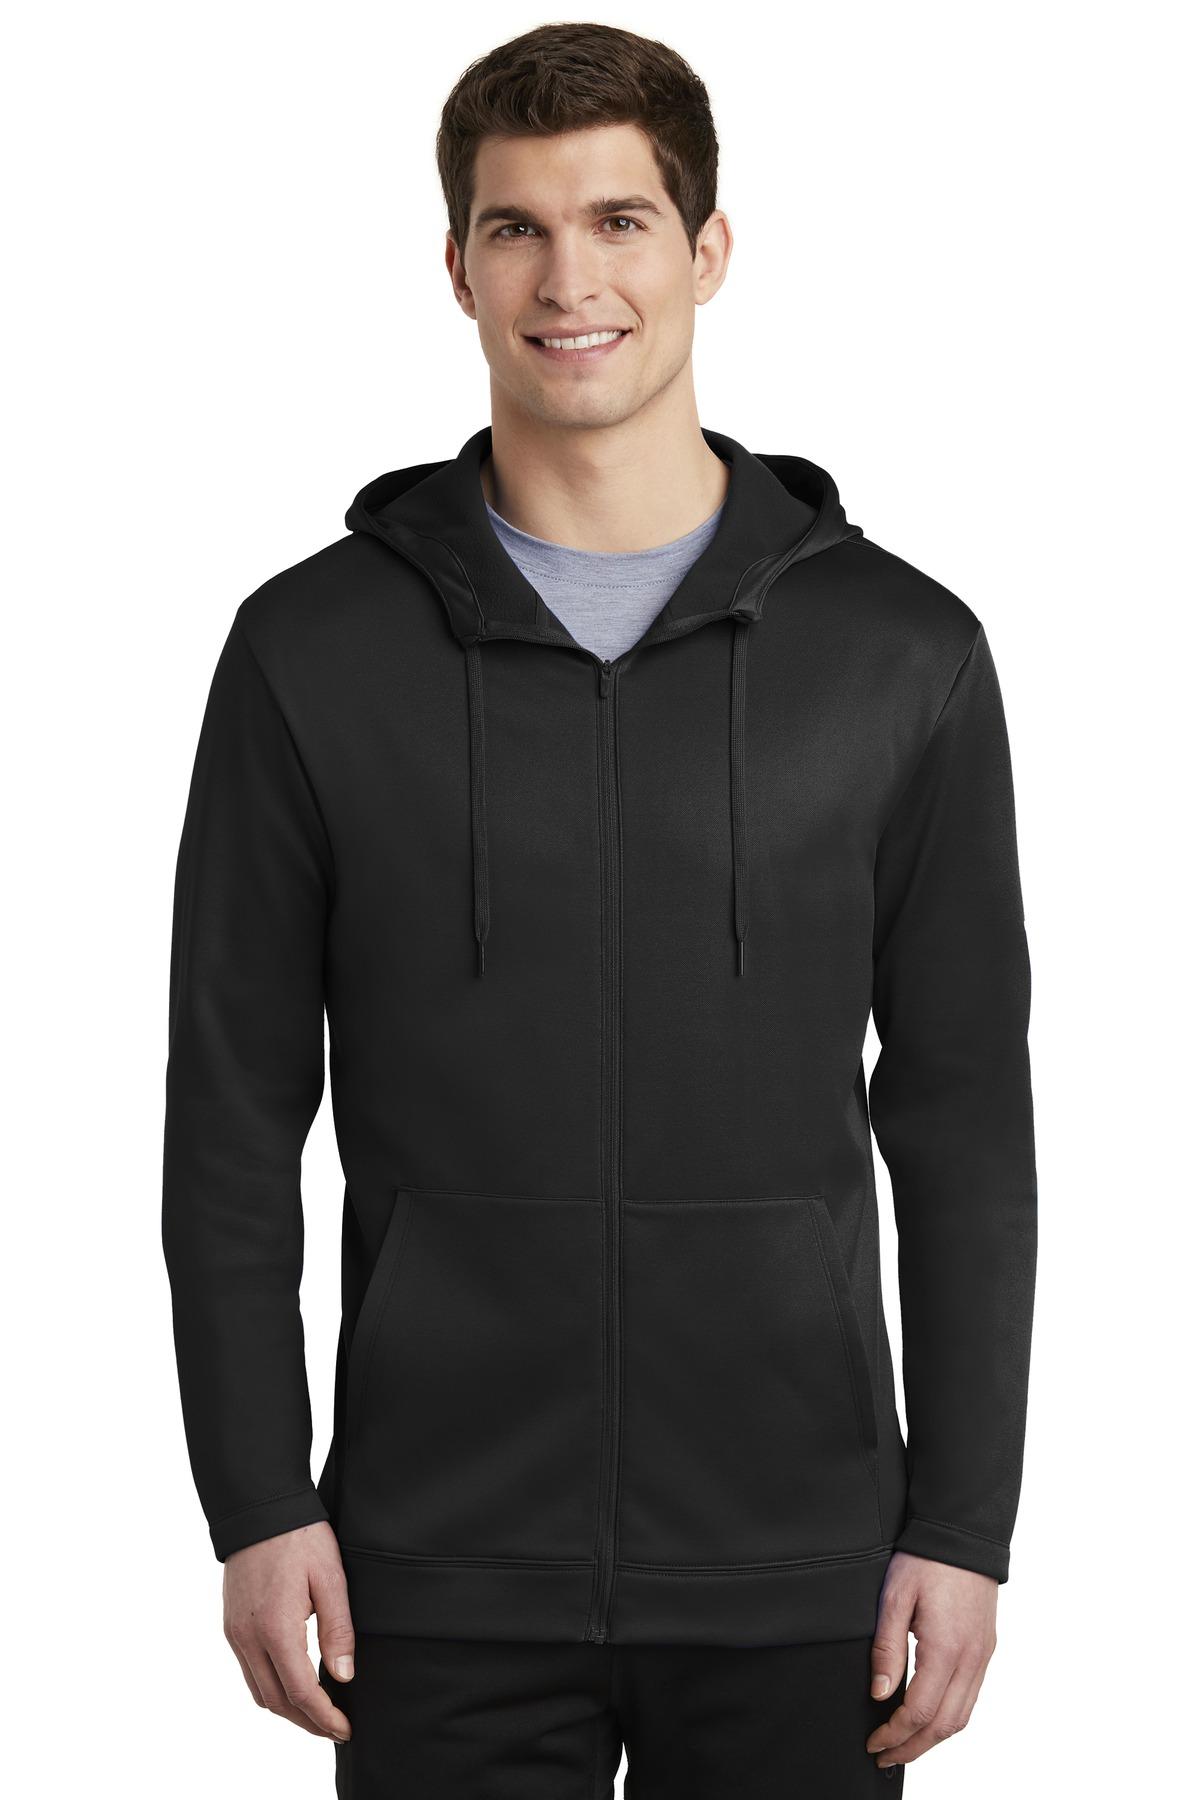 Sweatshirts/Fleece